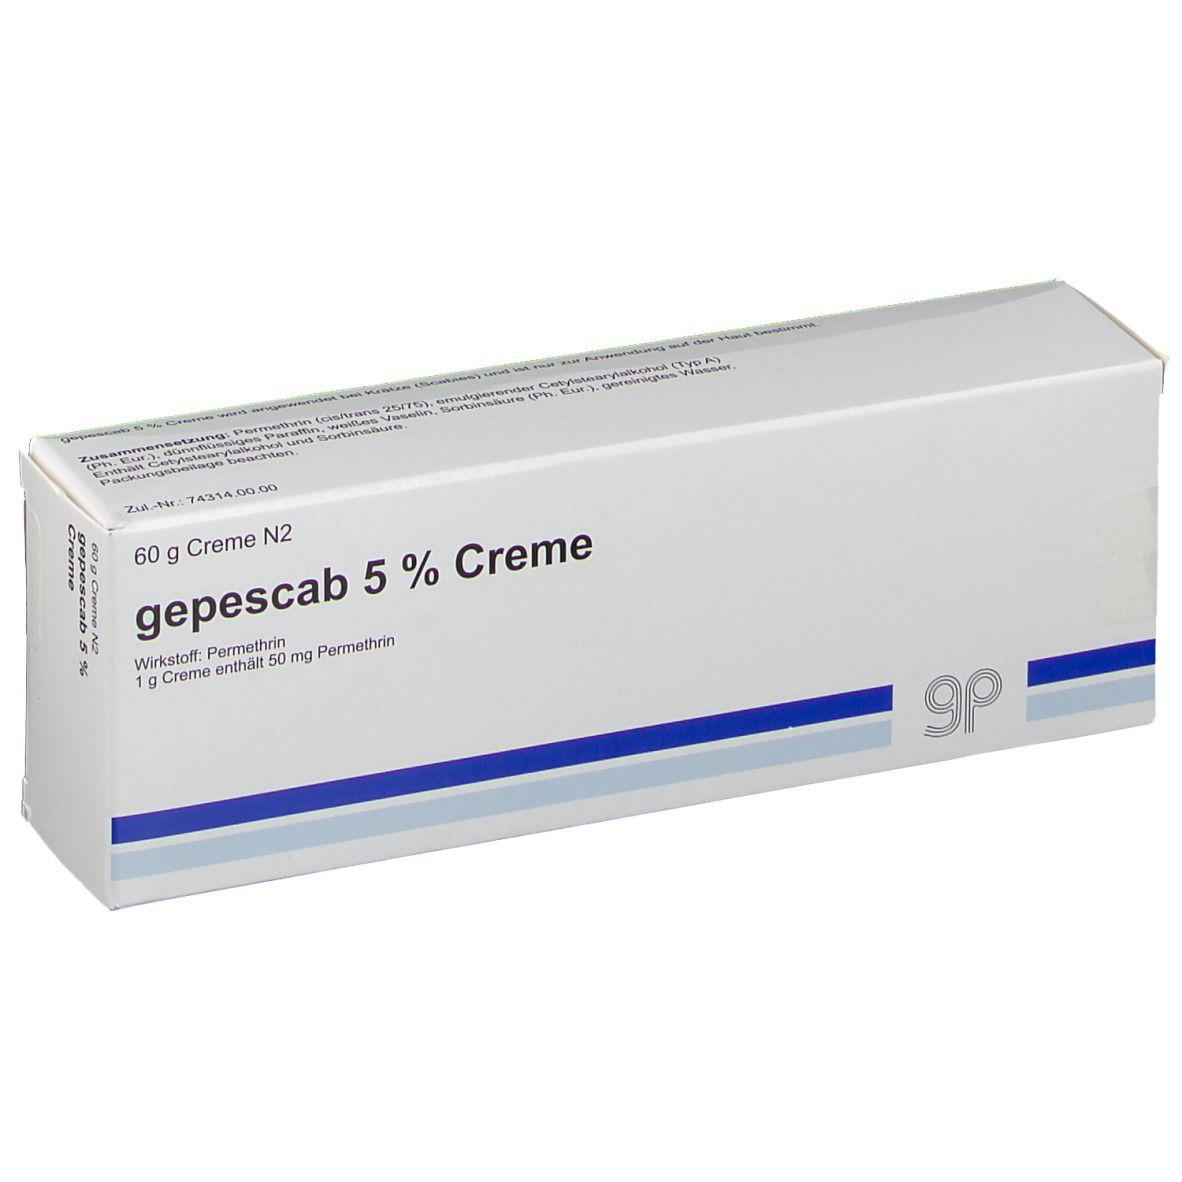 GEPESCAB 5% Creme